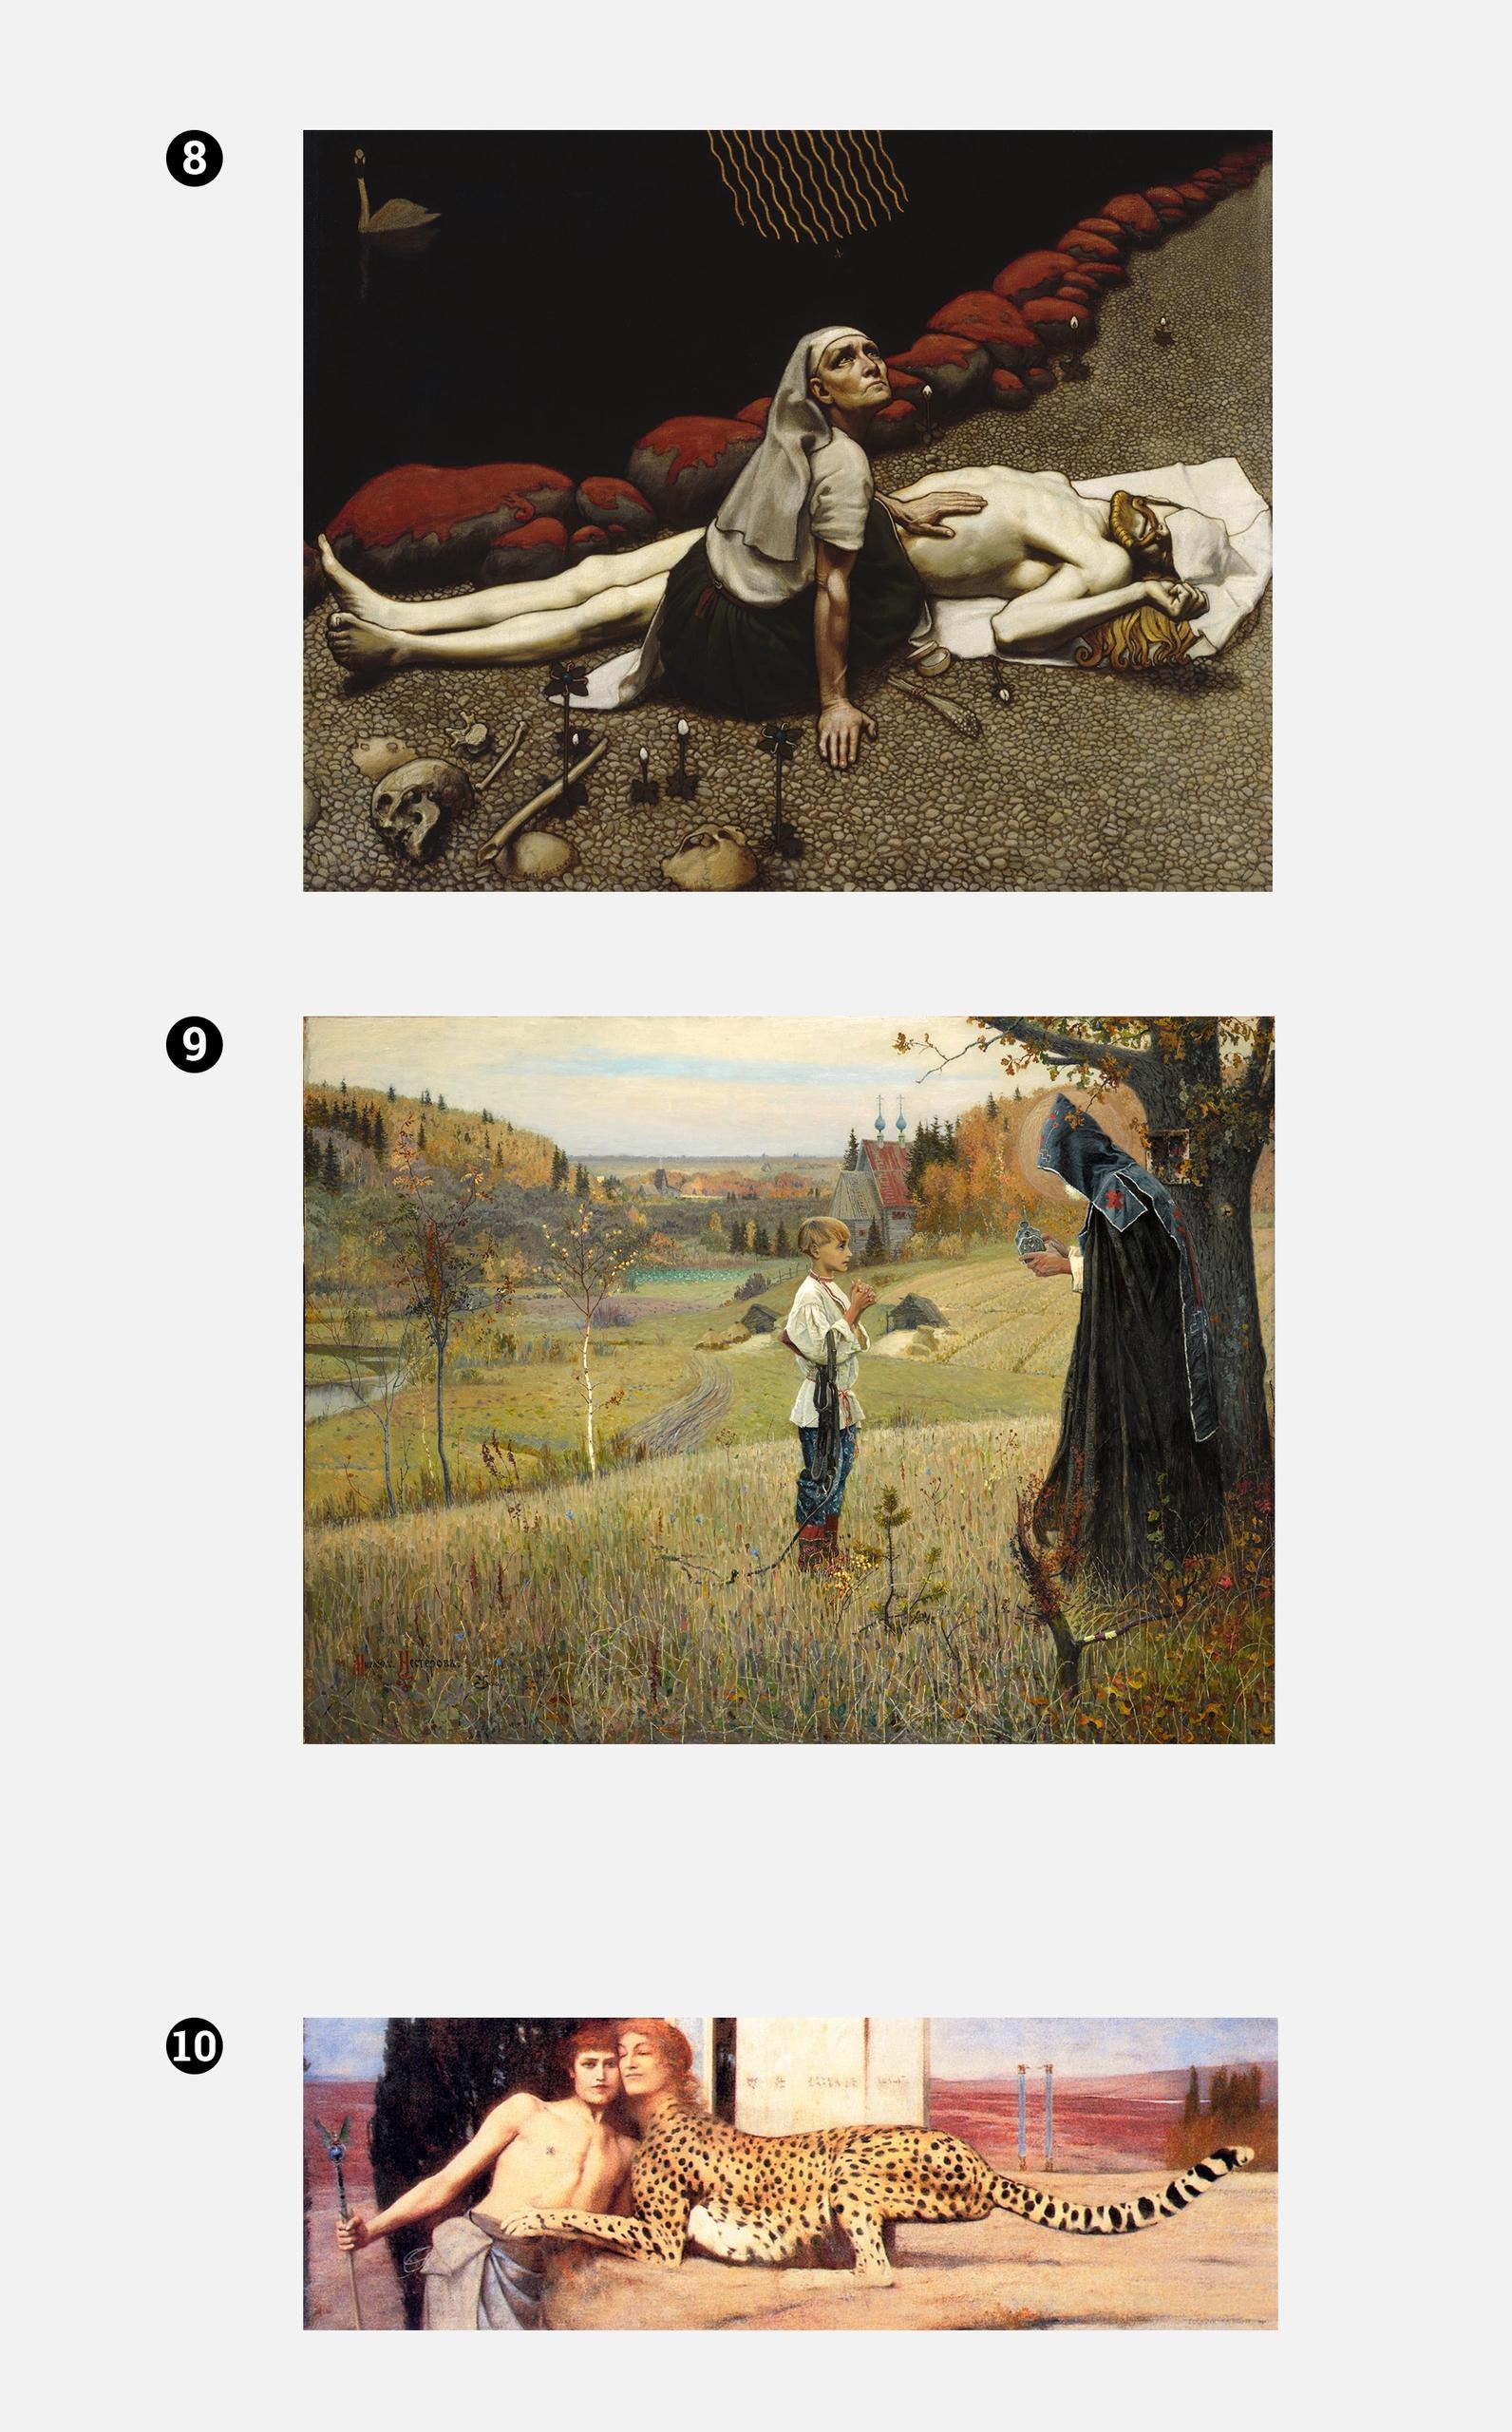 Zdjęcie przedstawia trzy obrazy znanych artystów na jasno-szarym tle.